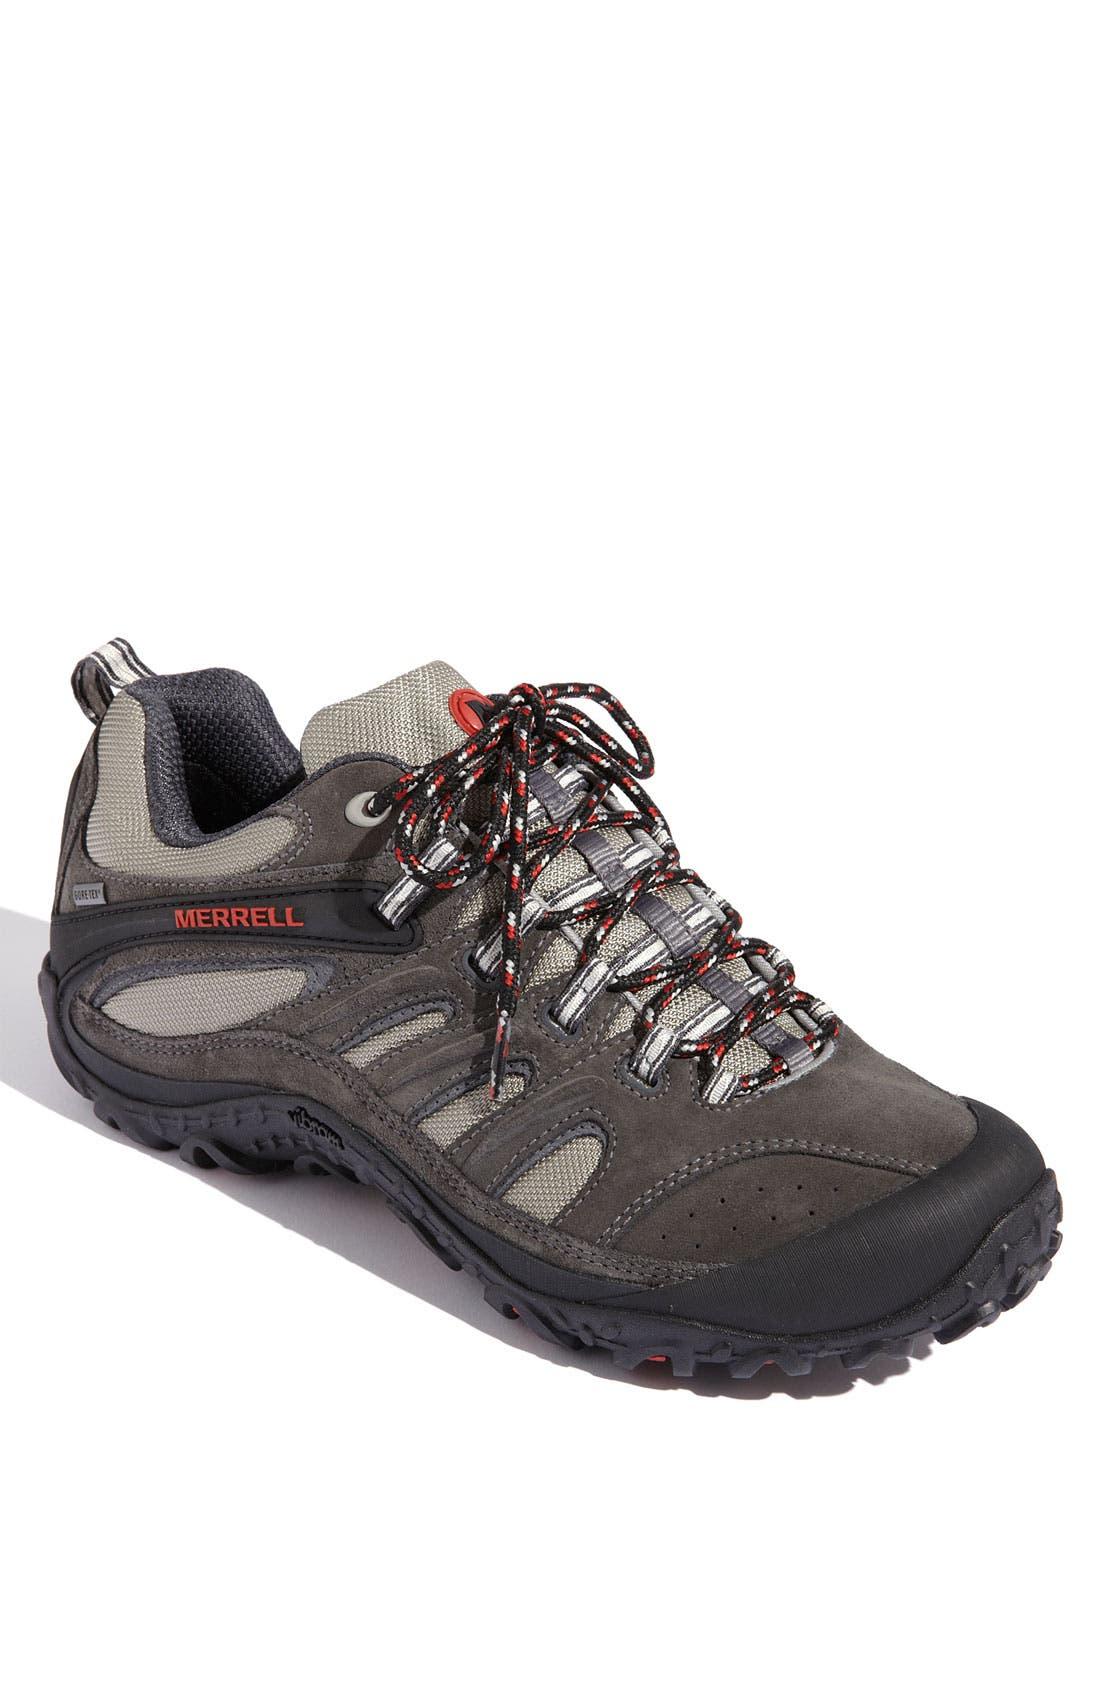 Alternate Image 1 Selected - Merrell 'Chameleon 4 Ventilator GTX' Hiking Shoe (Men)